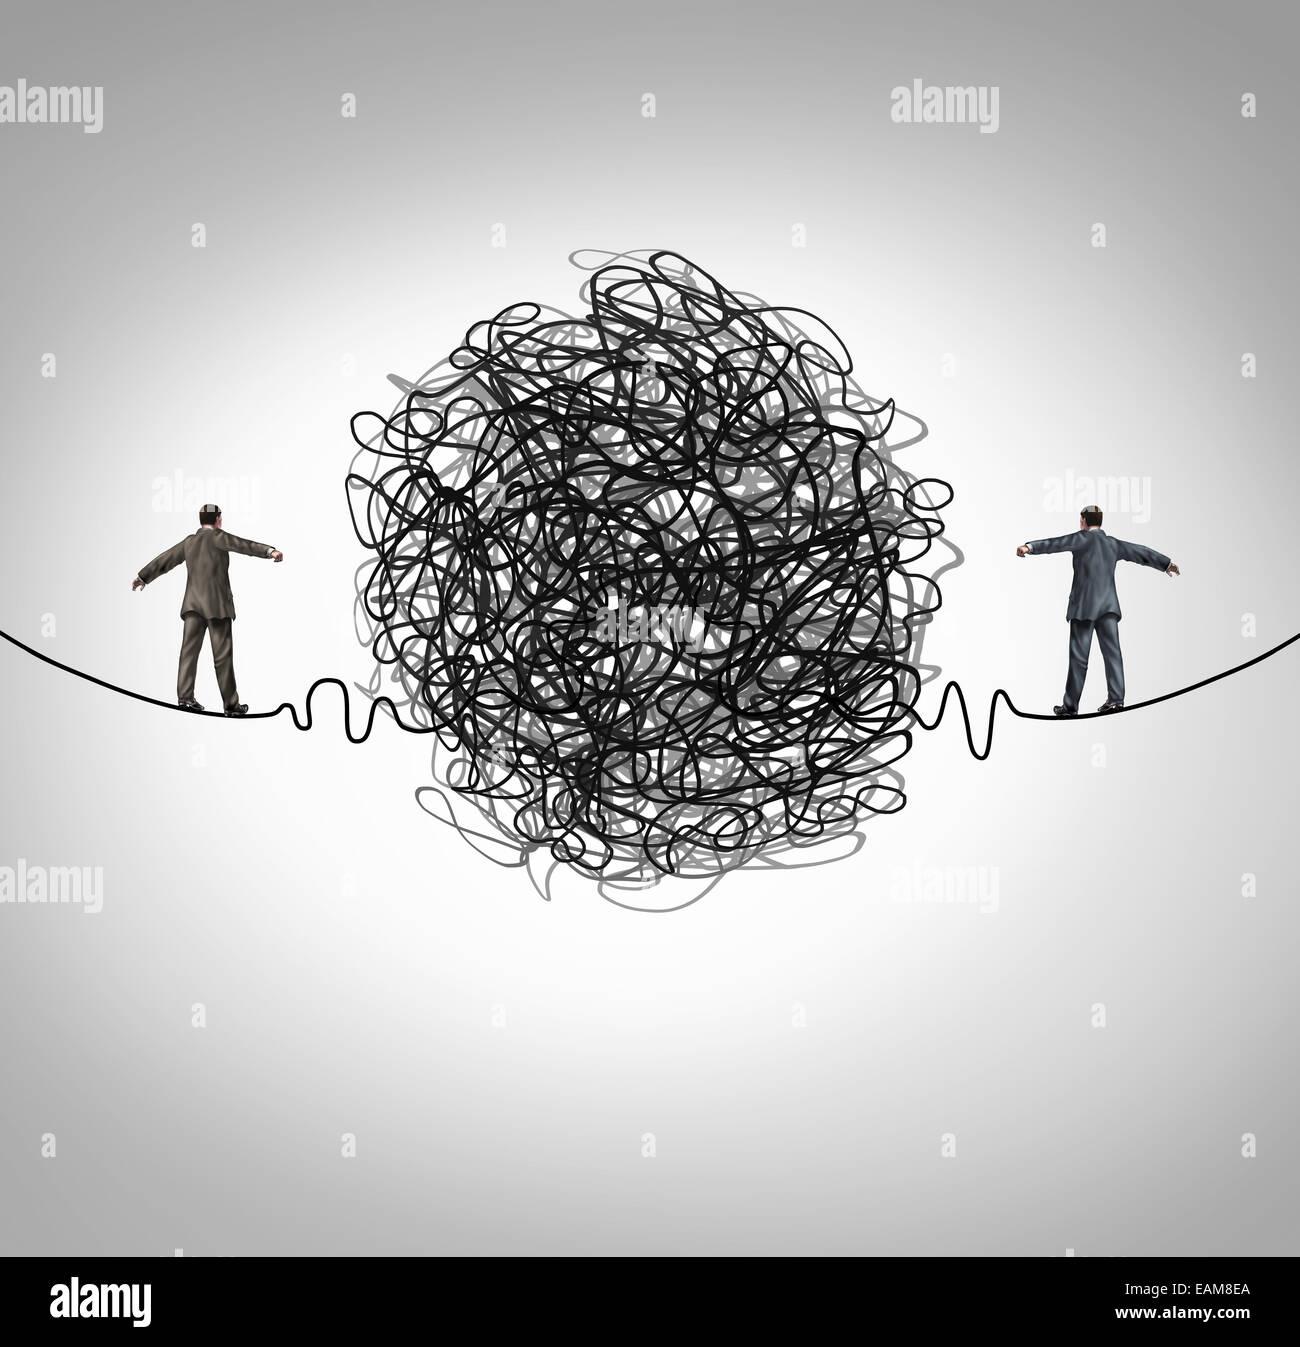 Problema de asociación empresarial y concepto de enfrentamiento como dos personas de negocios caminando sobre Imagen De Stock